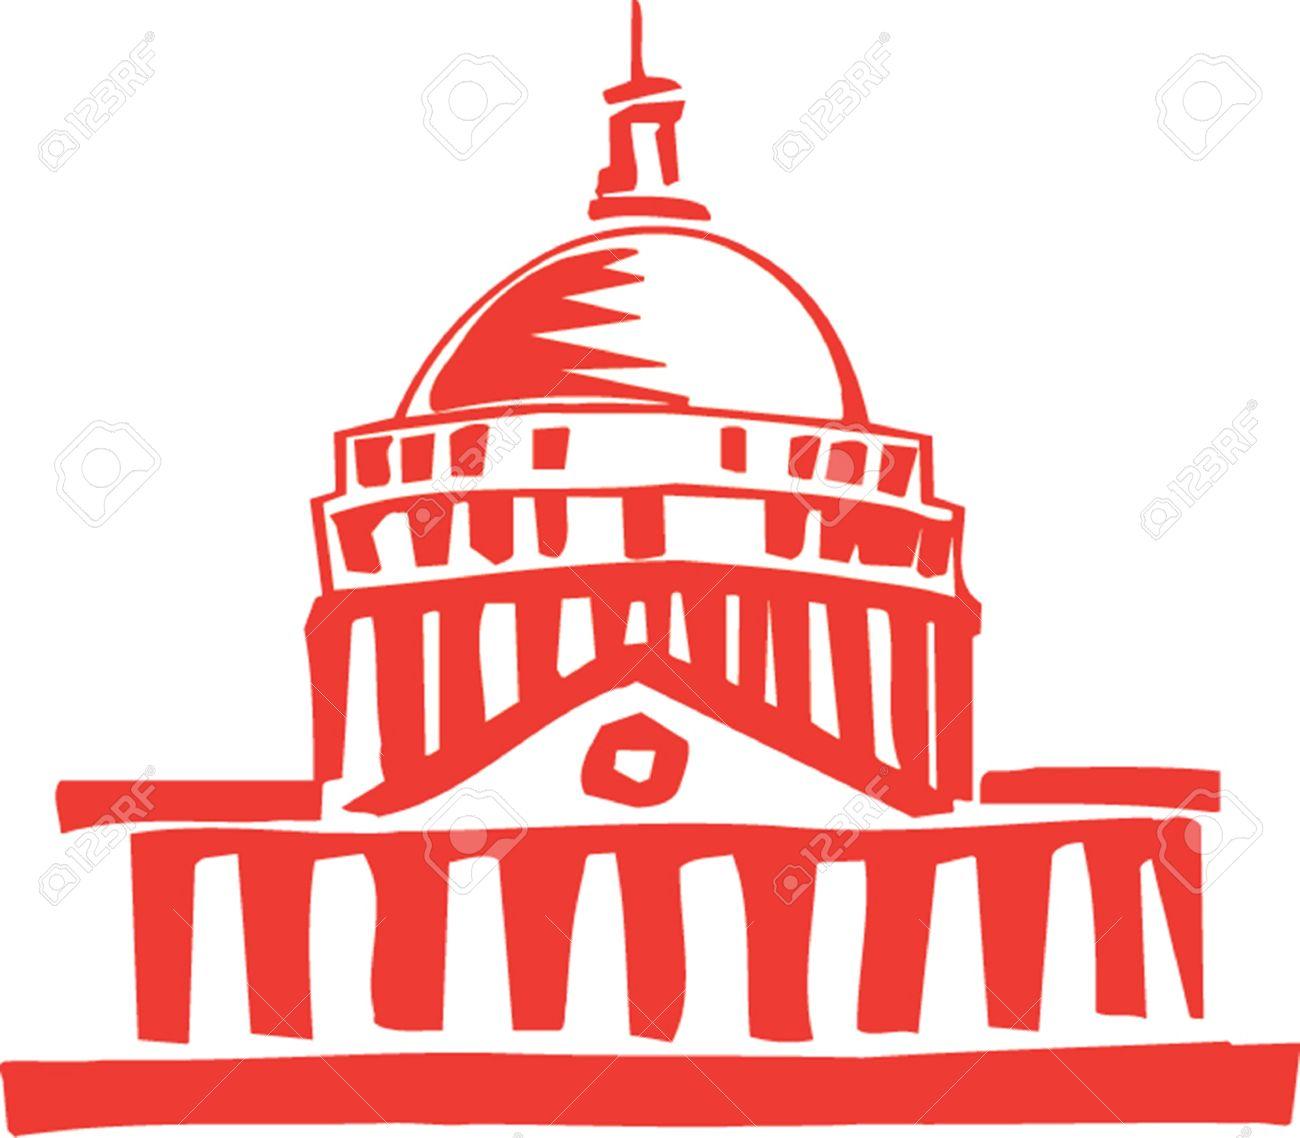 u s 議会議事堂、ワシントン d c のイラスト ロイヤリティフリー